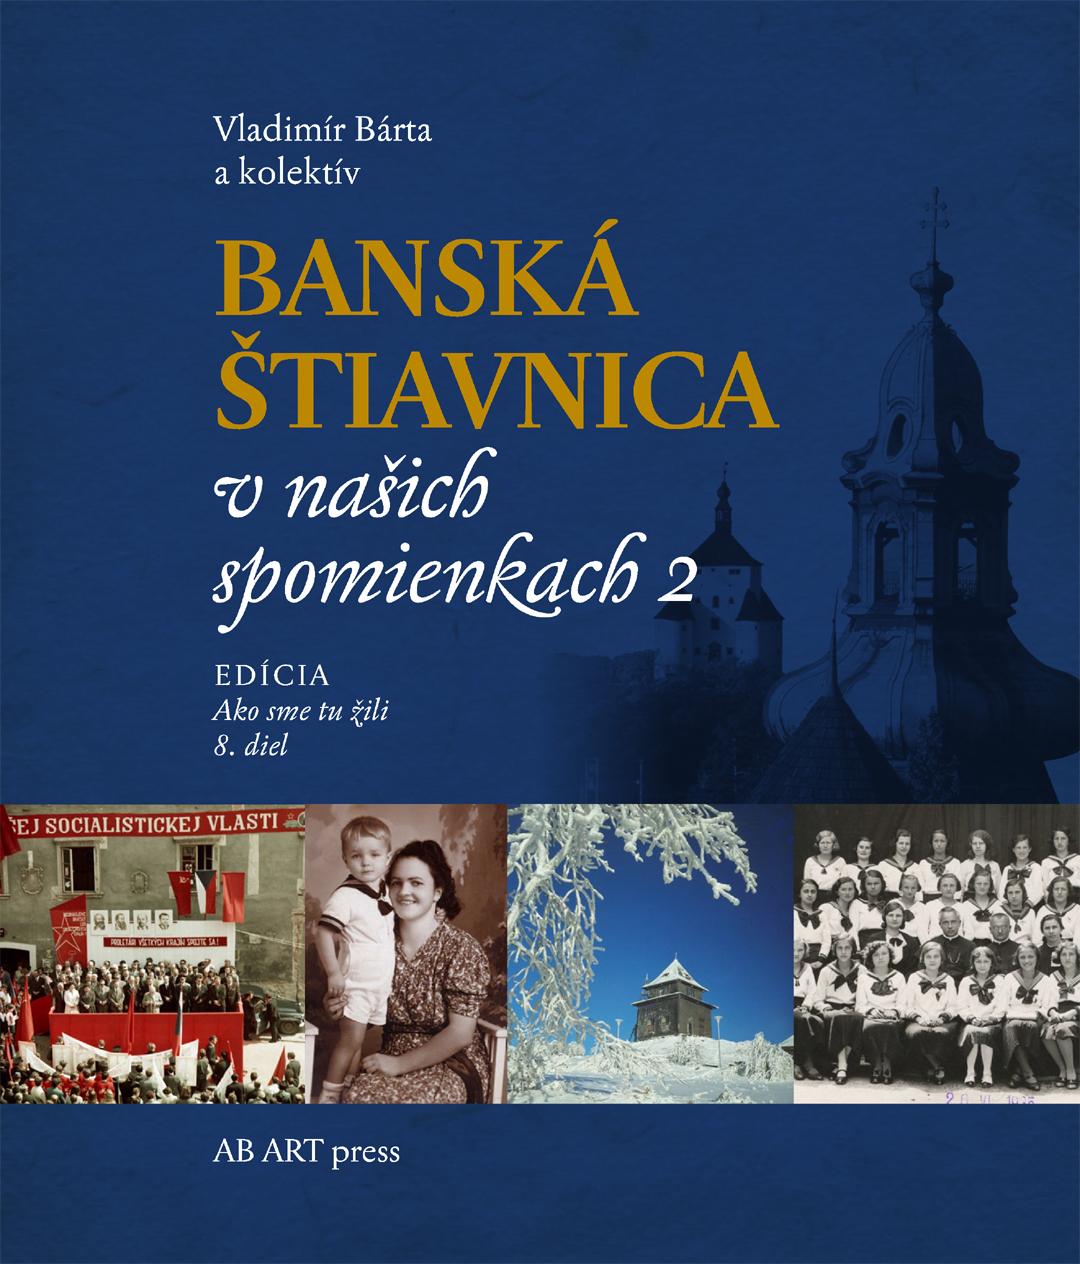 Banská Štiavnica v našich spomienkach 2 - Ako sme tu žili 8.diel